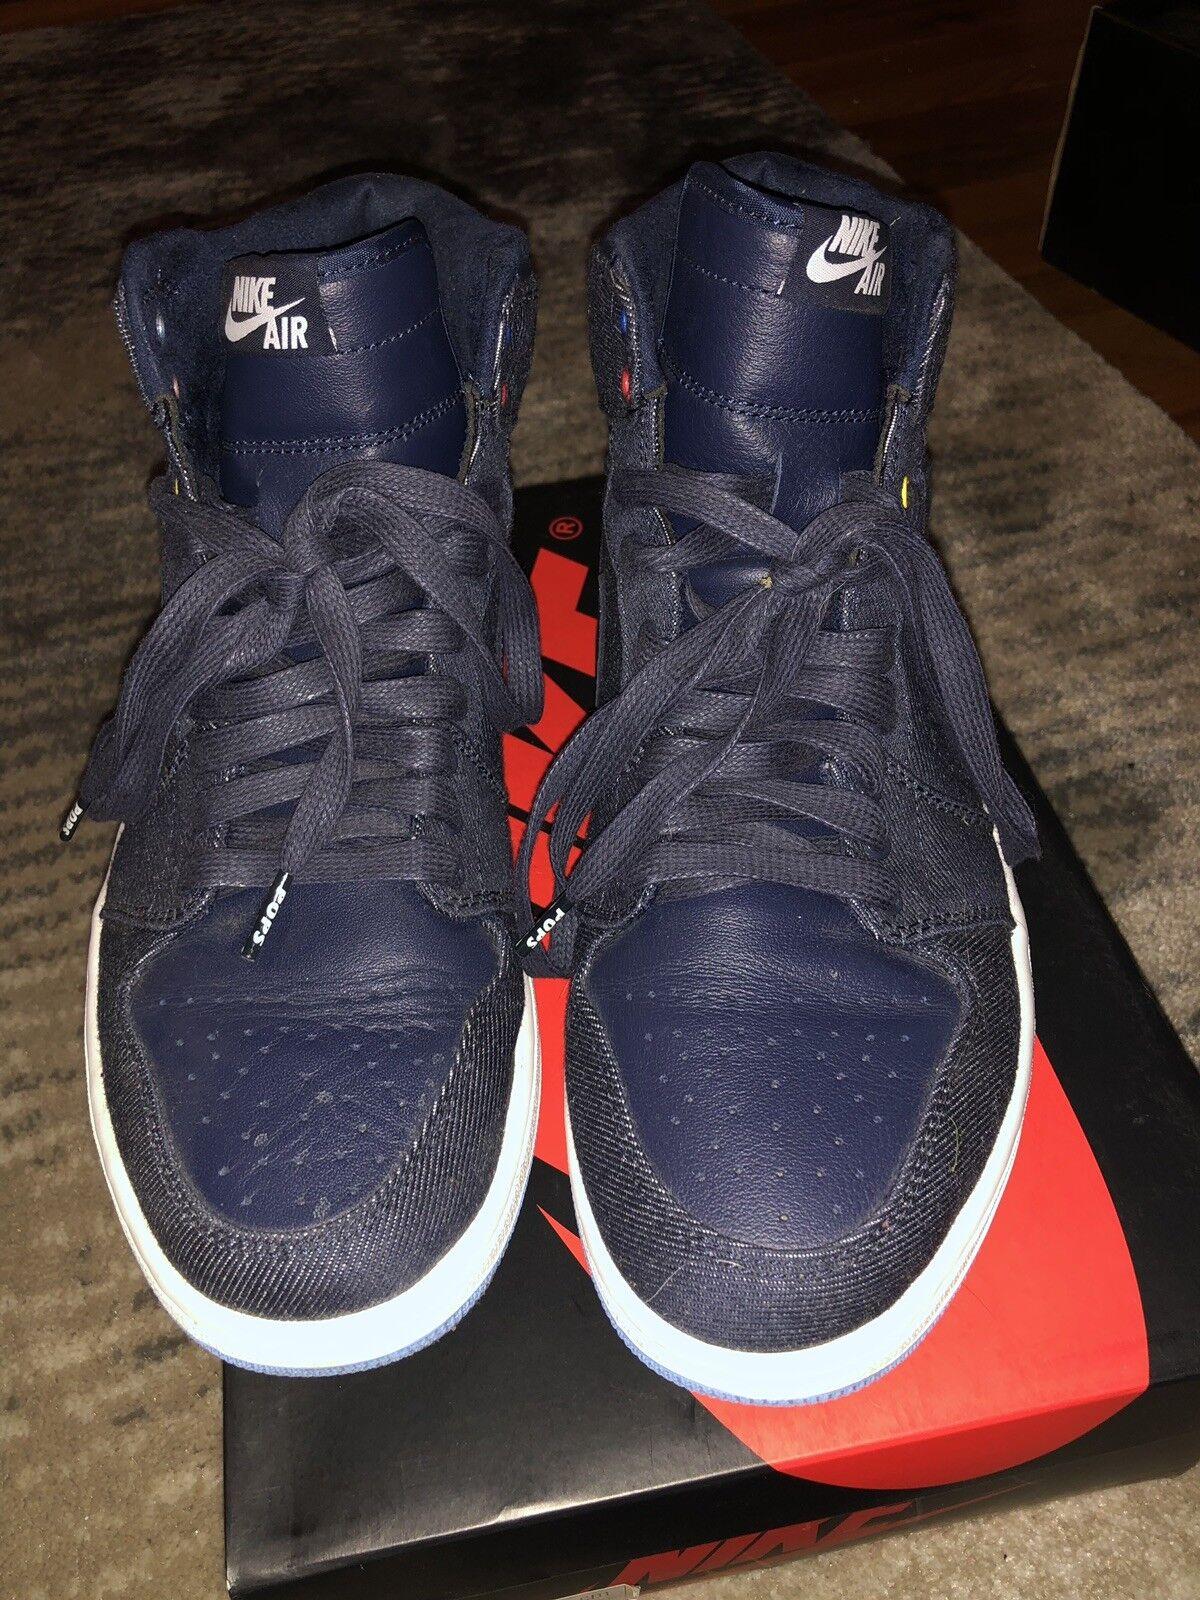 Nike Men's Air Jordan 1 Retro Sneakers - Size 9.5 US, Black